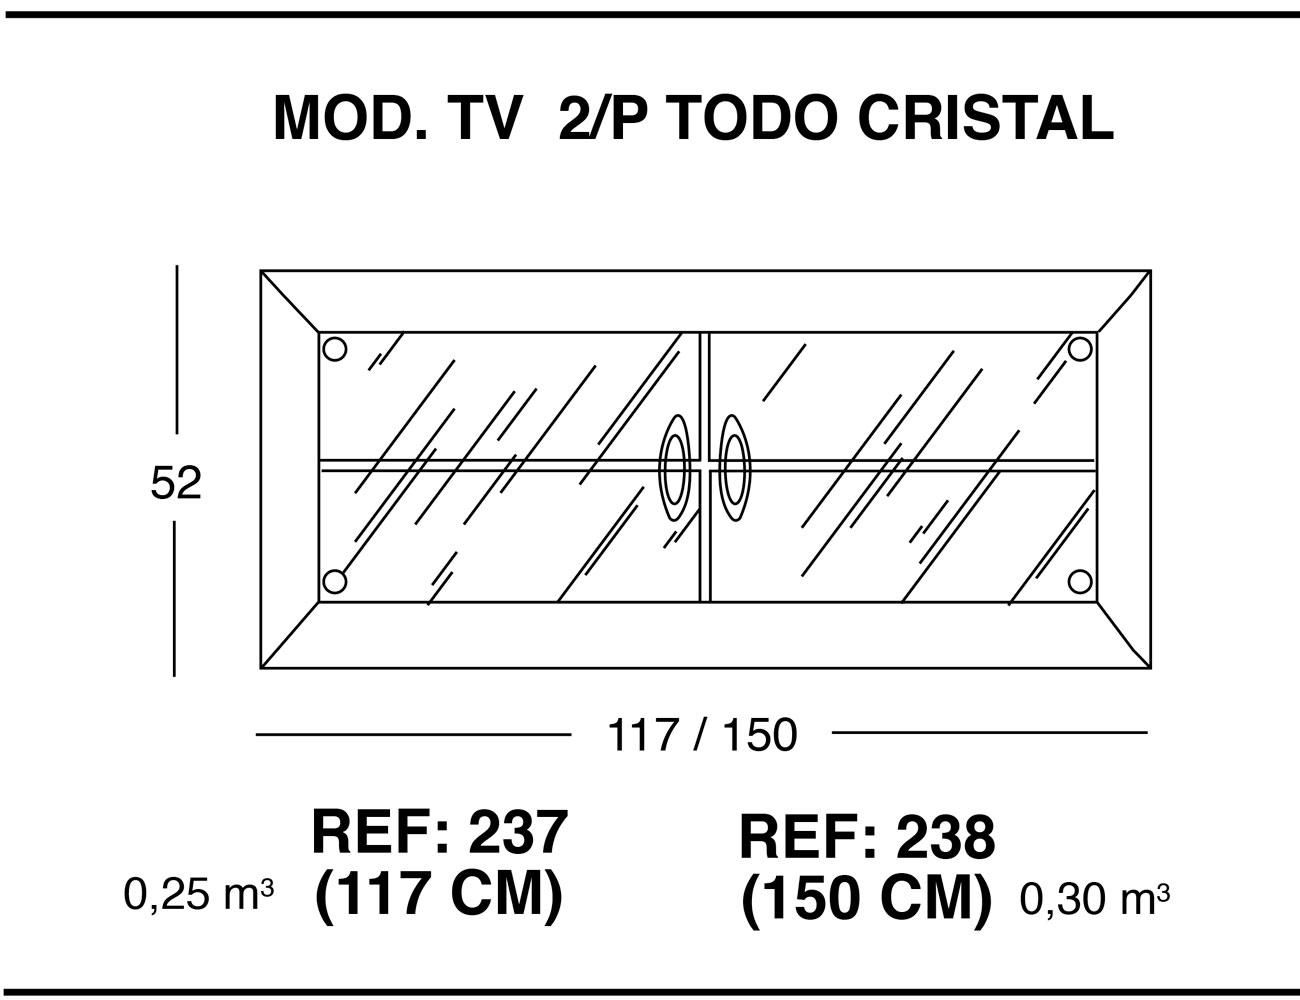 Modulo tv 2p todo cristal